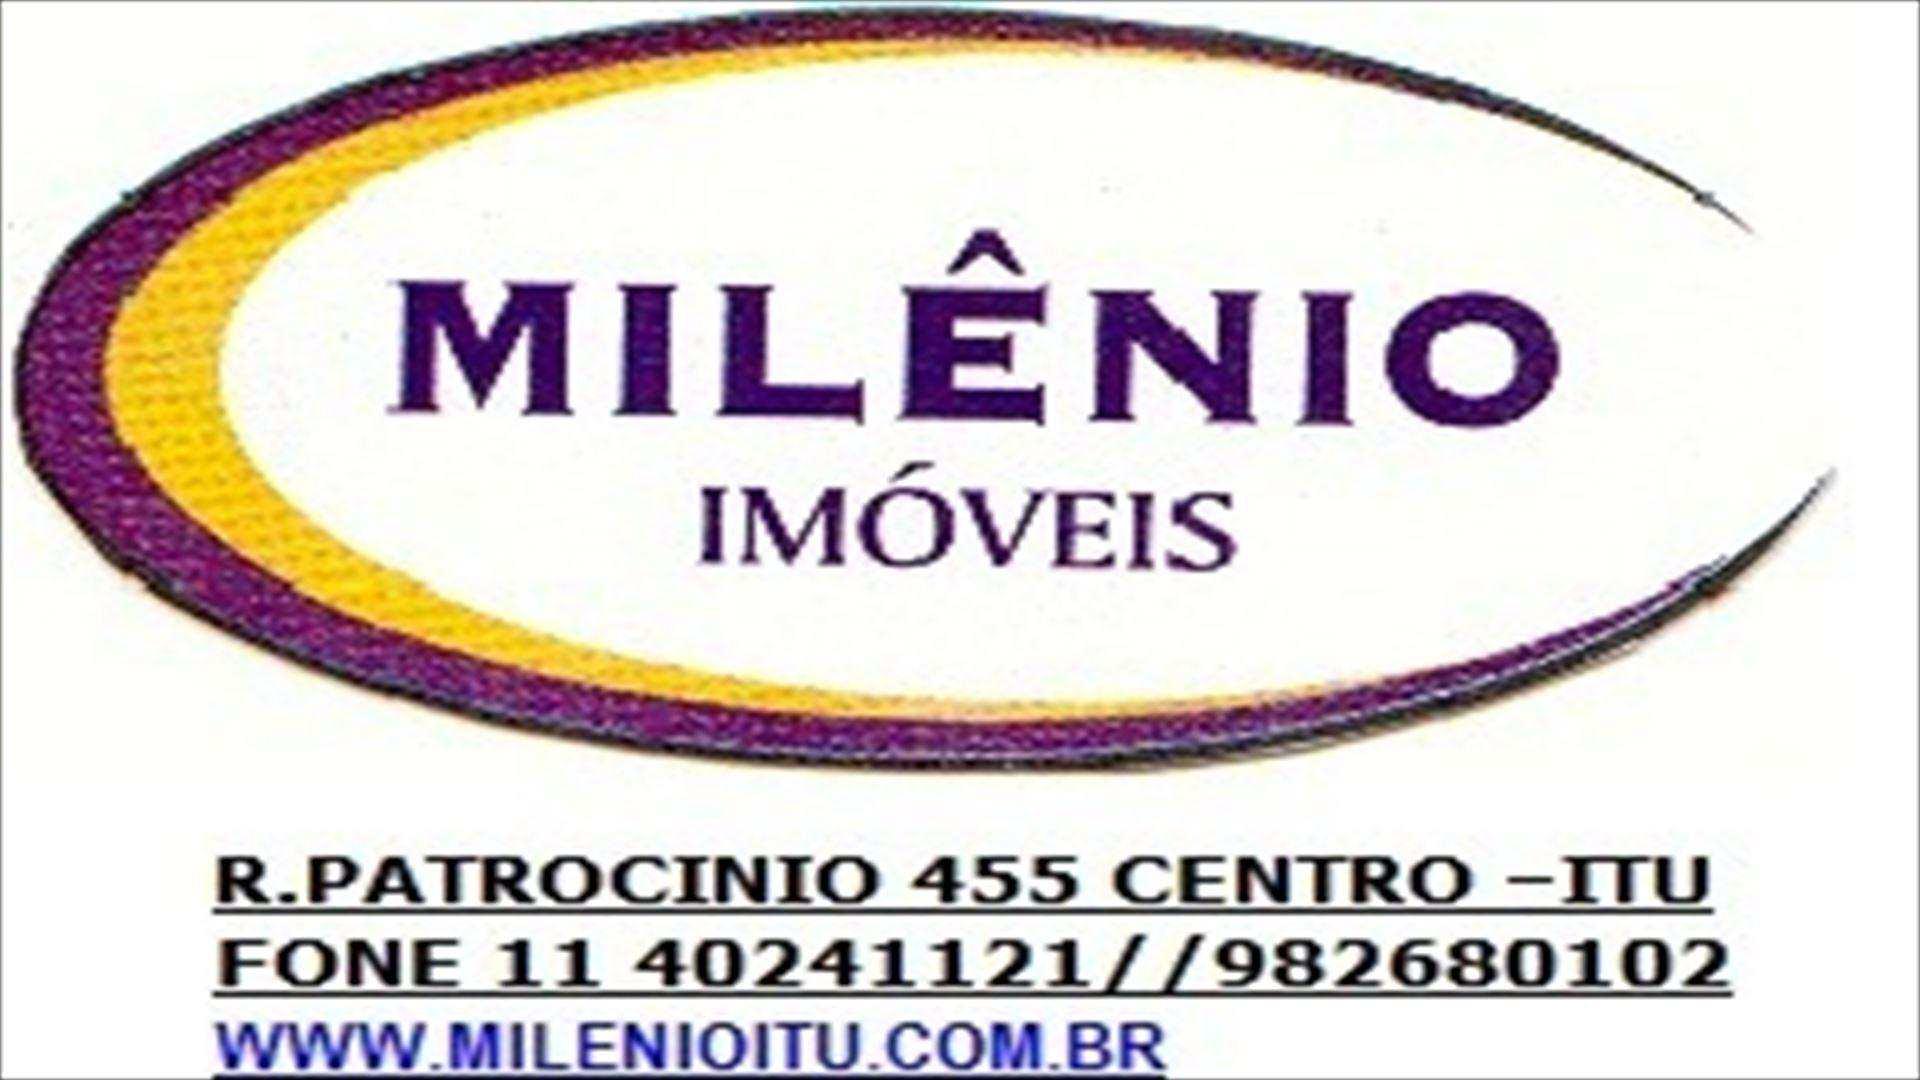 188500-LOGO_TIPO_MILENIO1.jpg